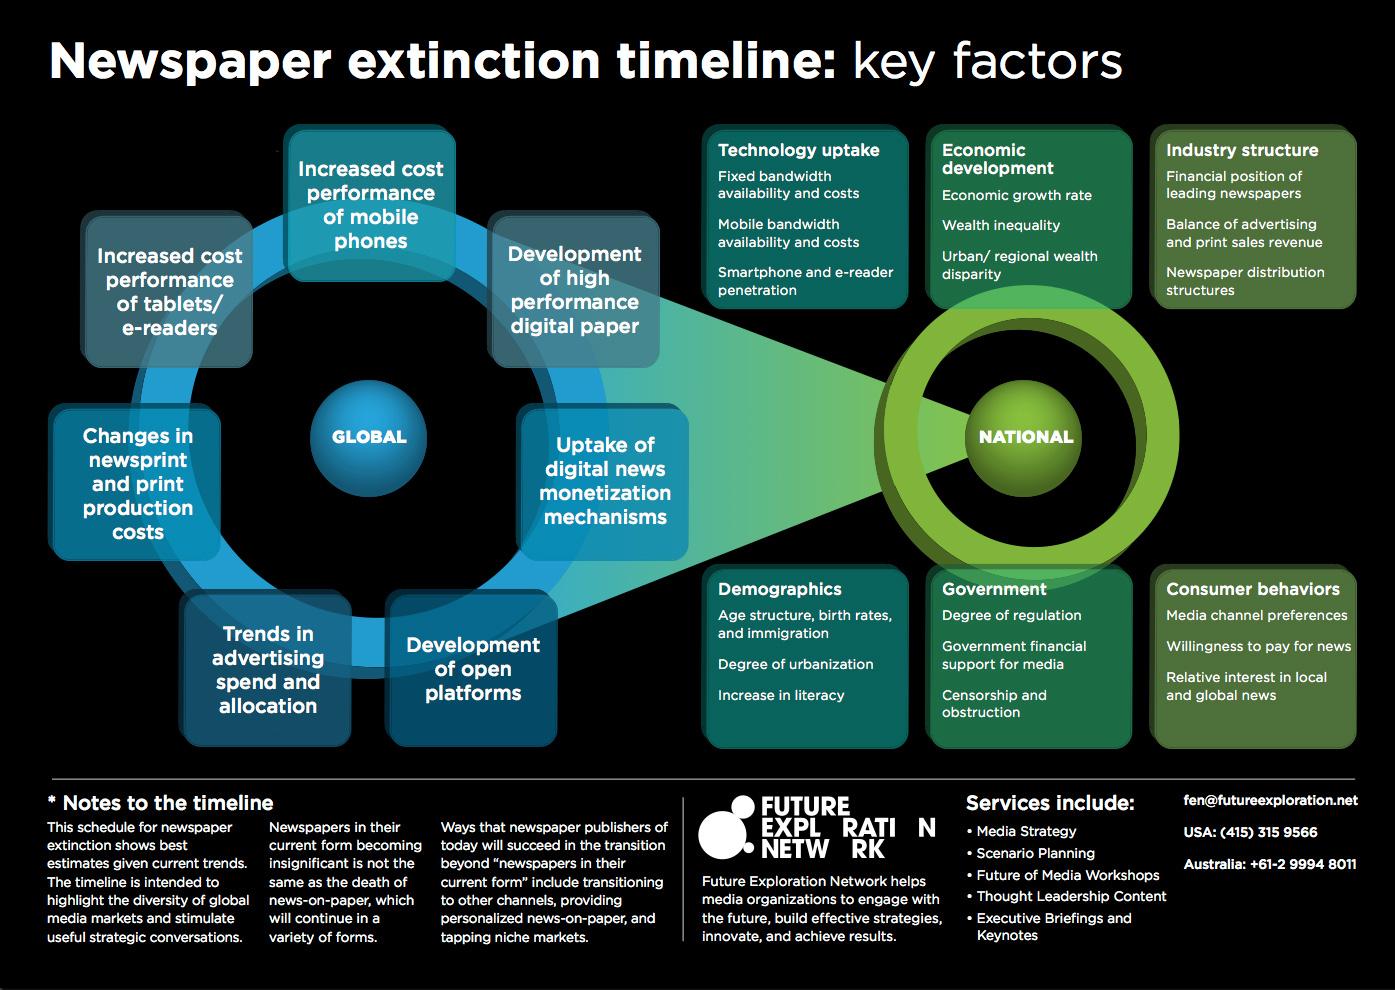 Newspaper extinction timeline factors